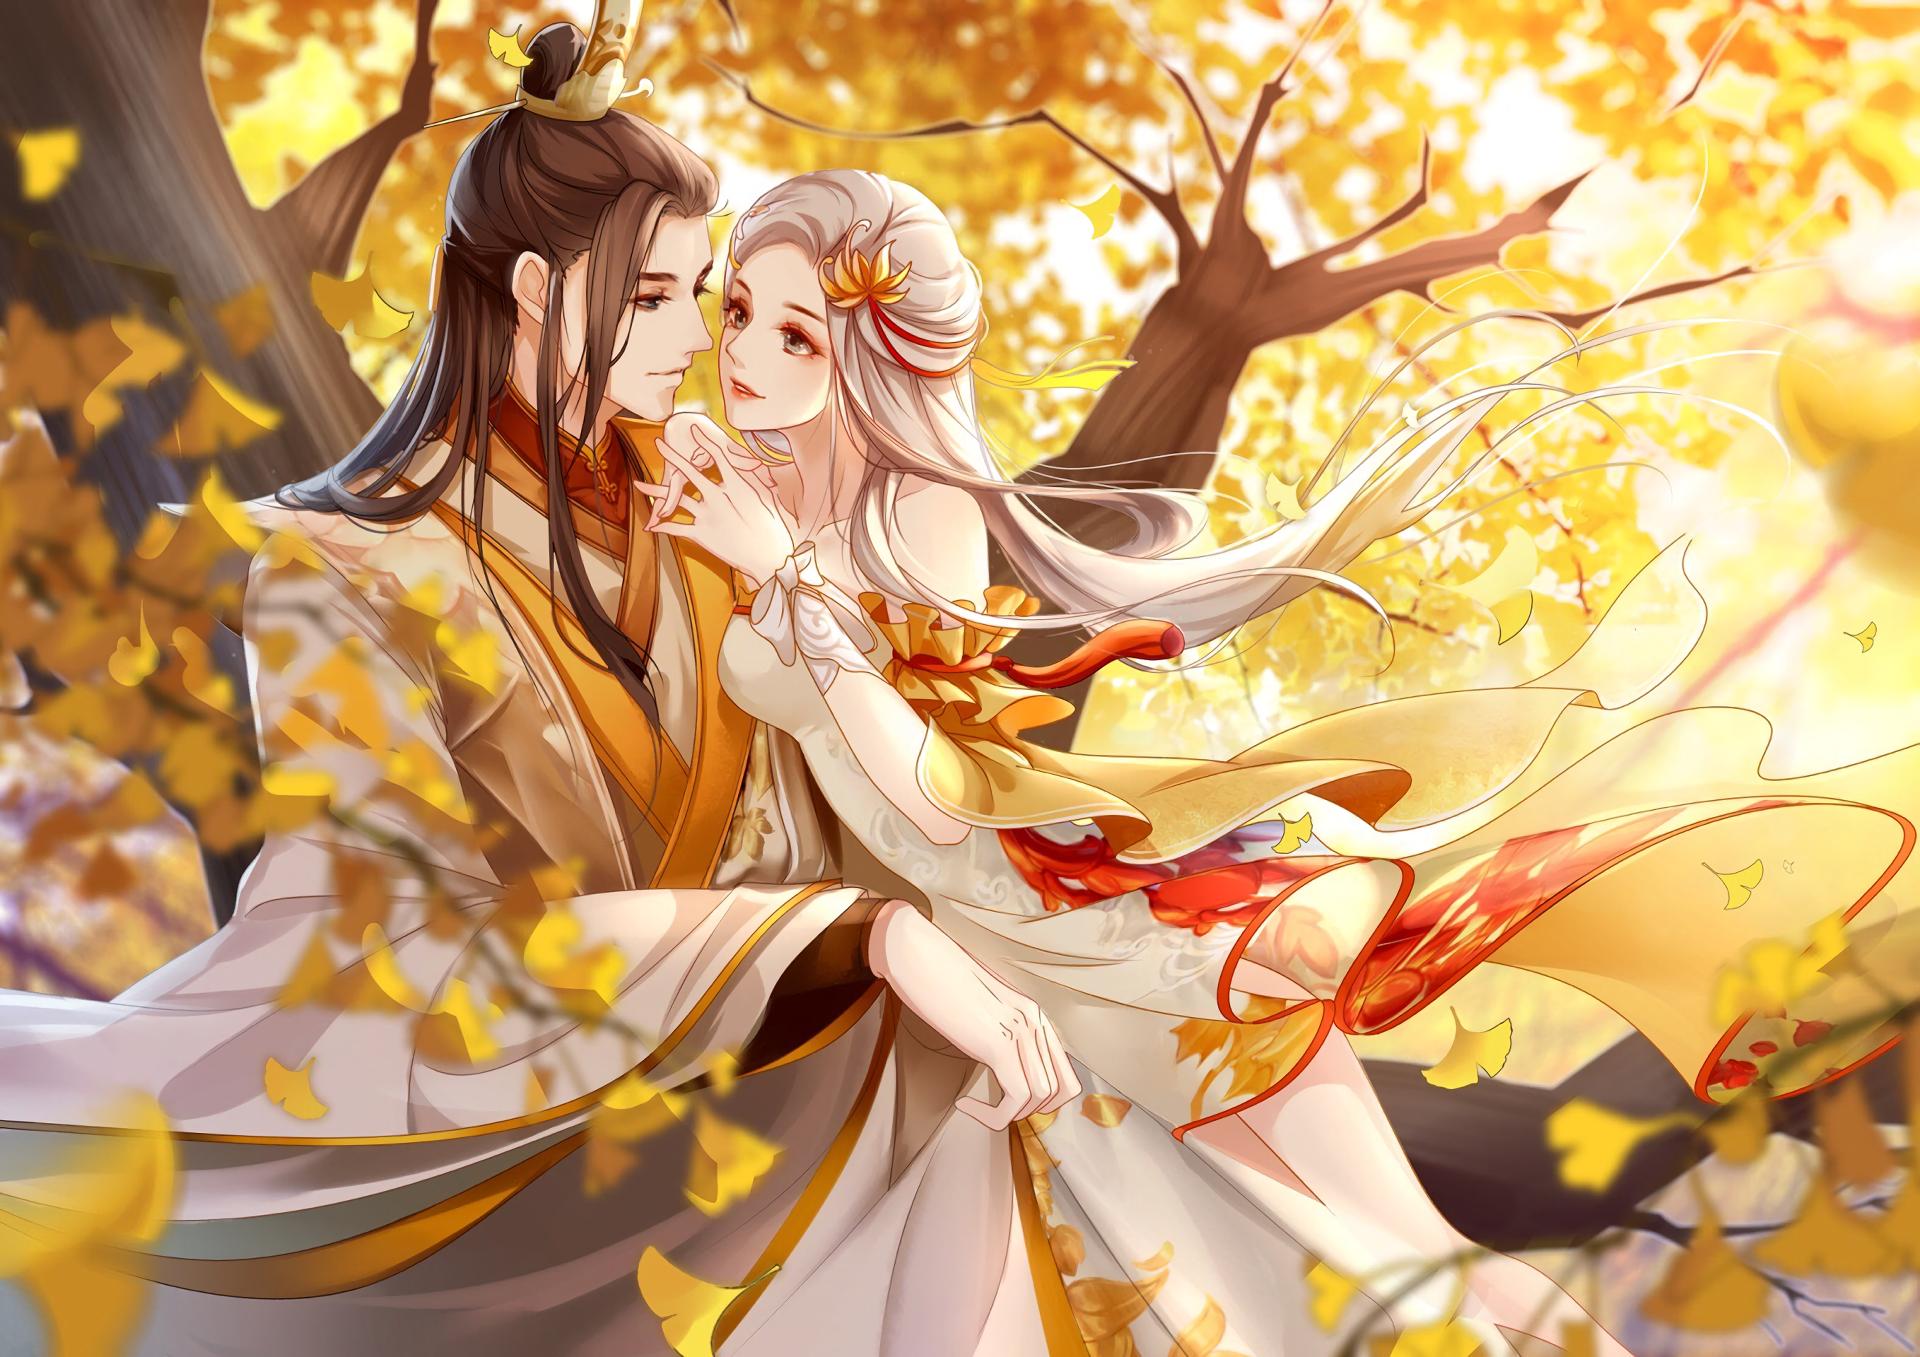 Ghim của 玄玉芸 trên 鸳鸯 (Có hình ảnh) Anime, Nghệ thuật